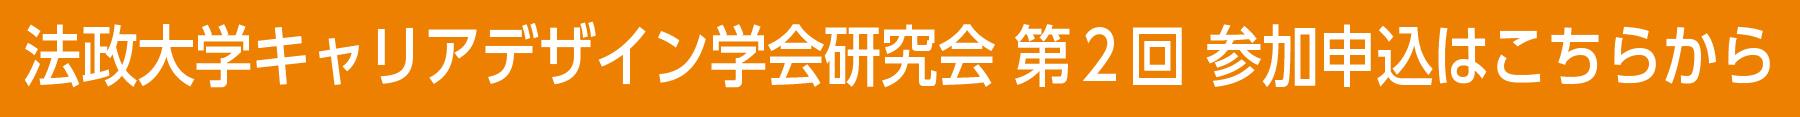 法政大学キャリアデザイン学会研究会 第2回 参加受付